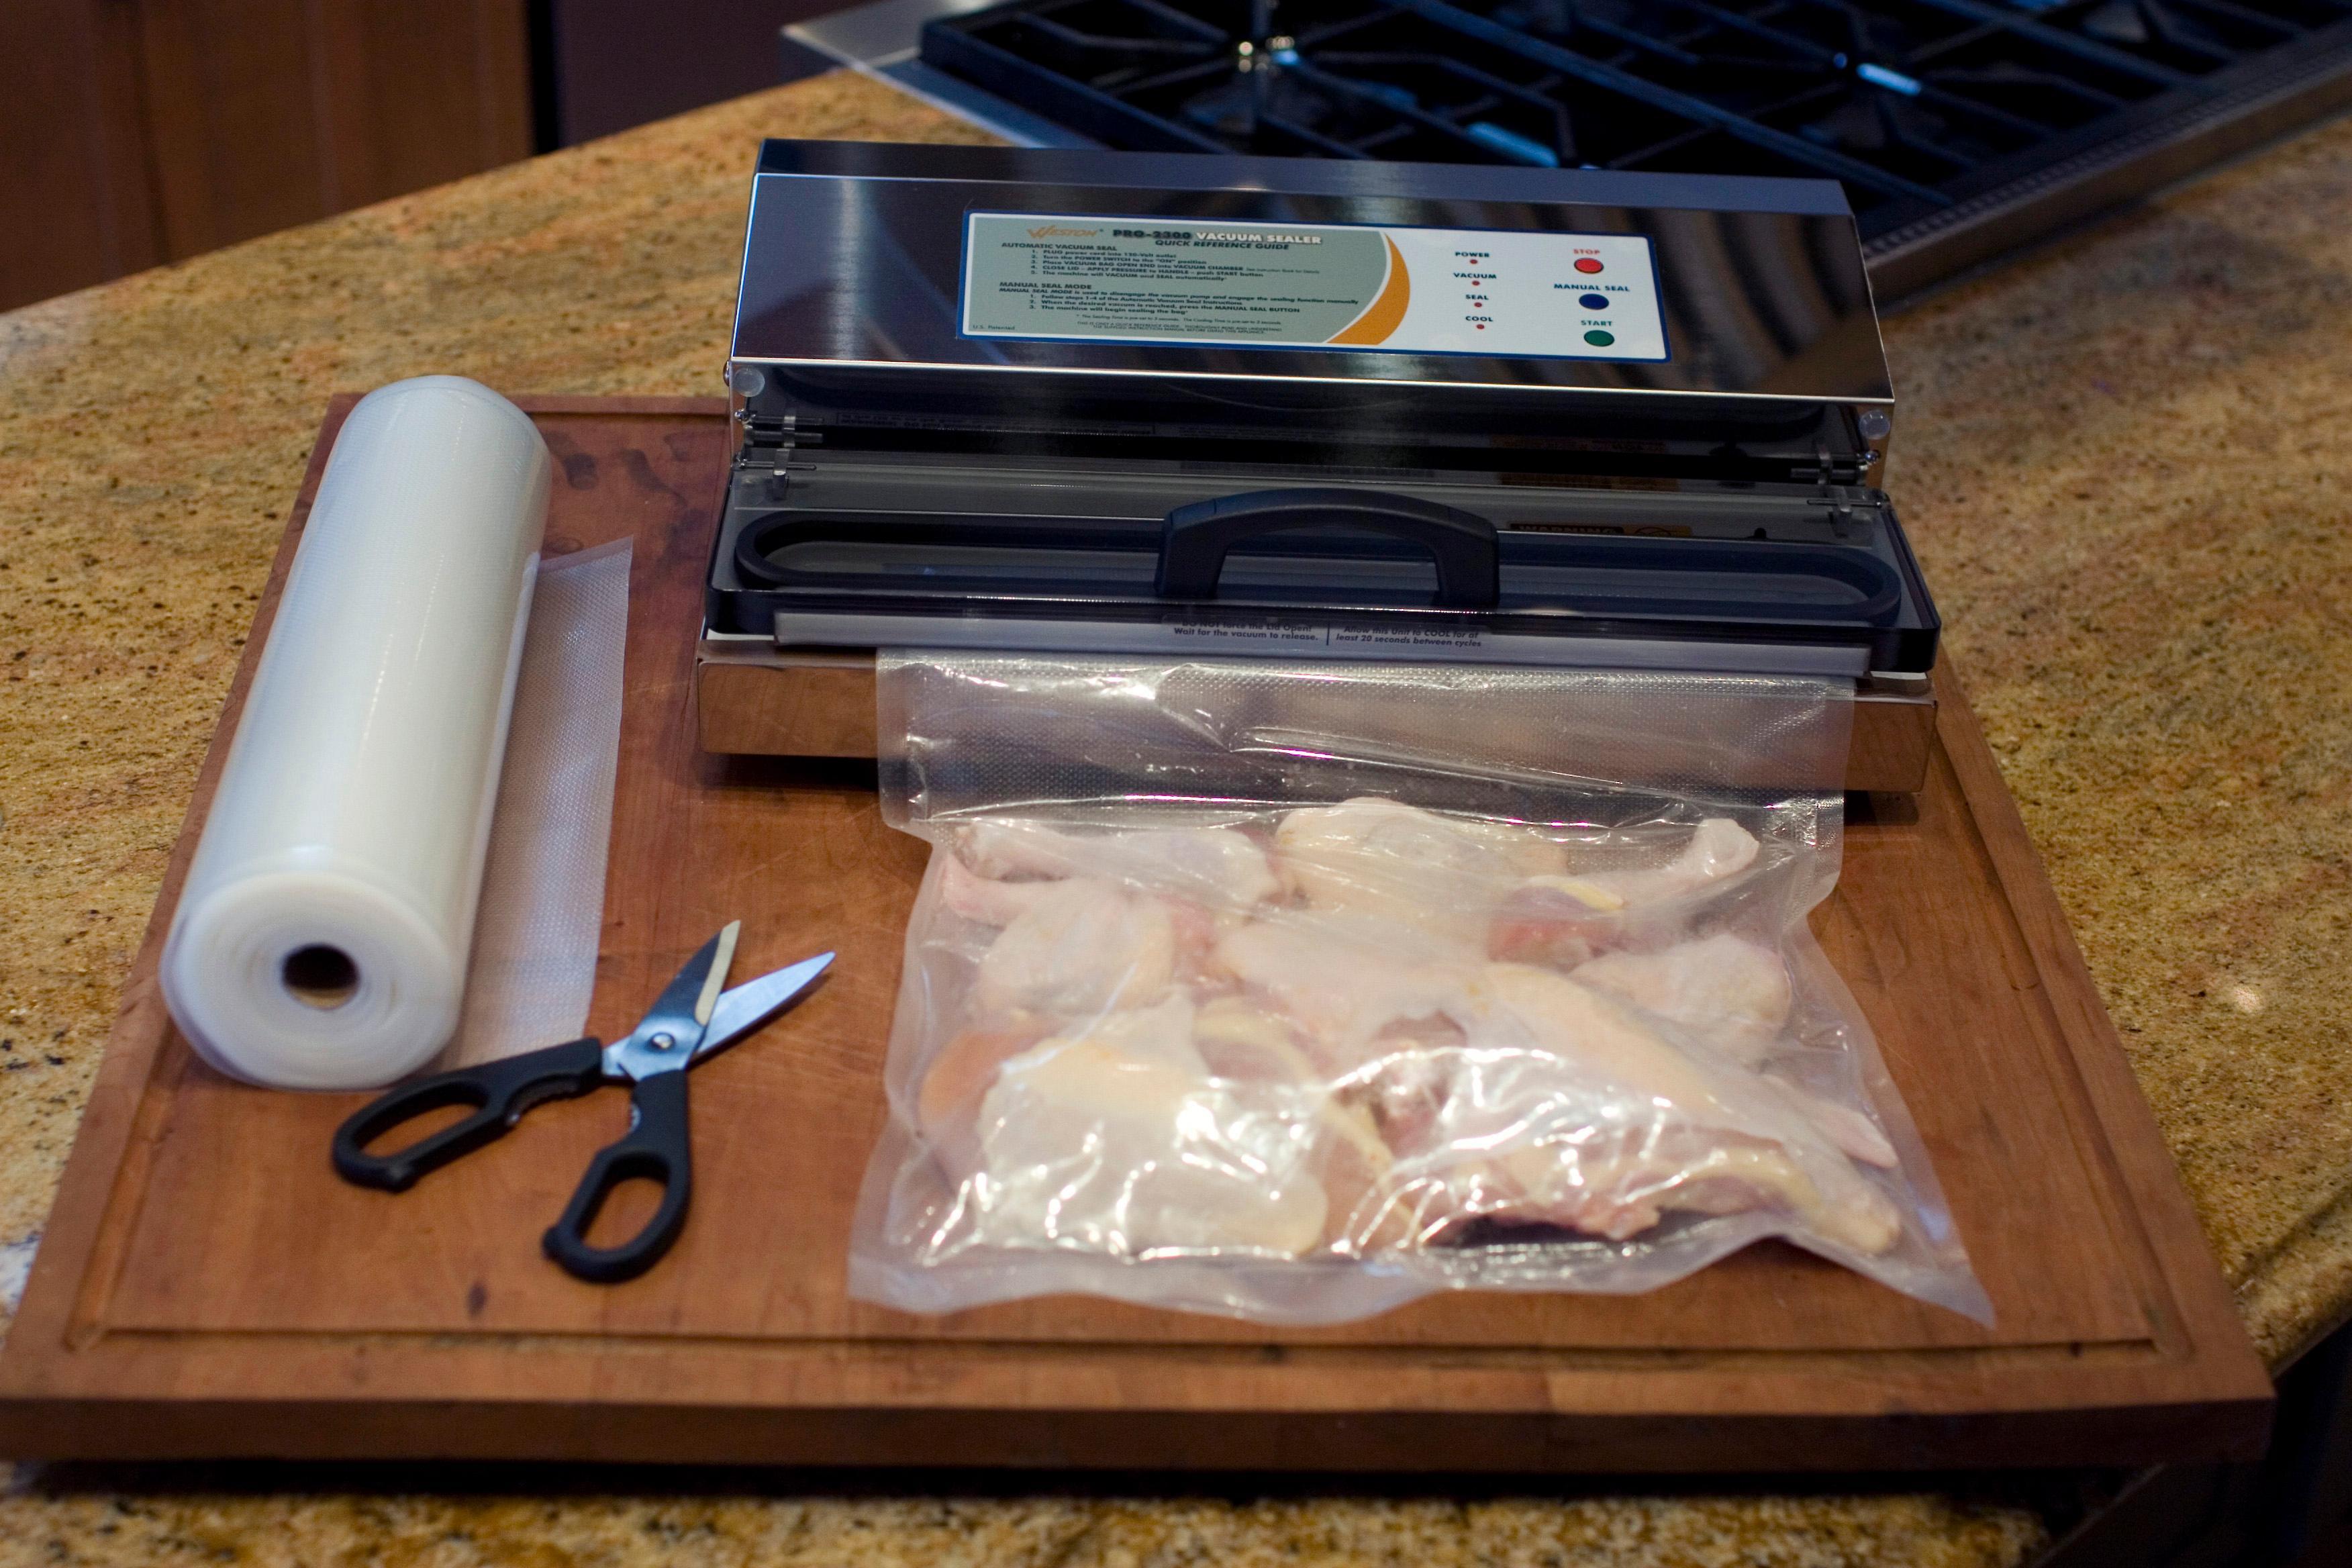 Weston 65 0201 Pro 2300 Vacuum Sealer Silver Amazon Ca